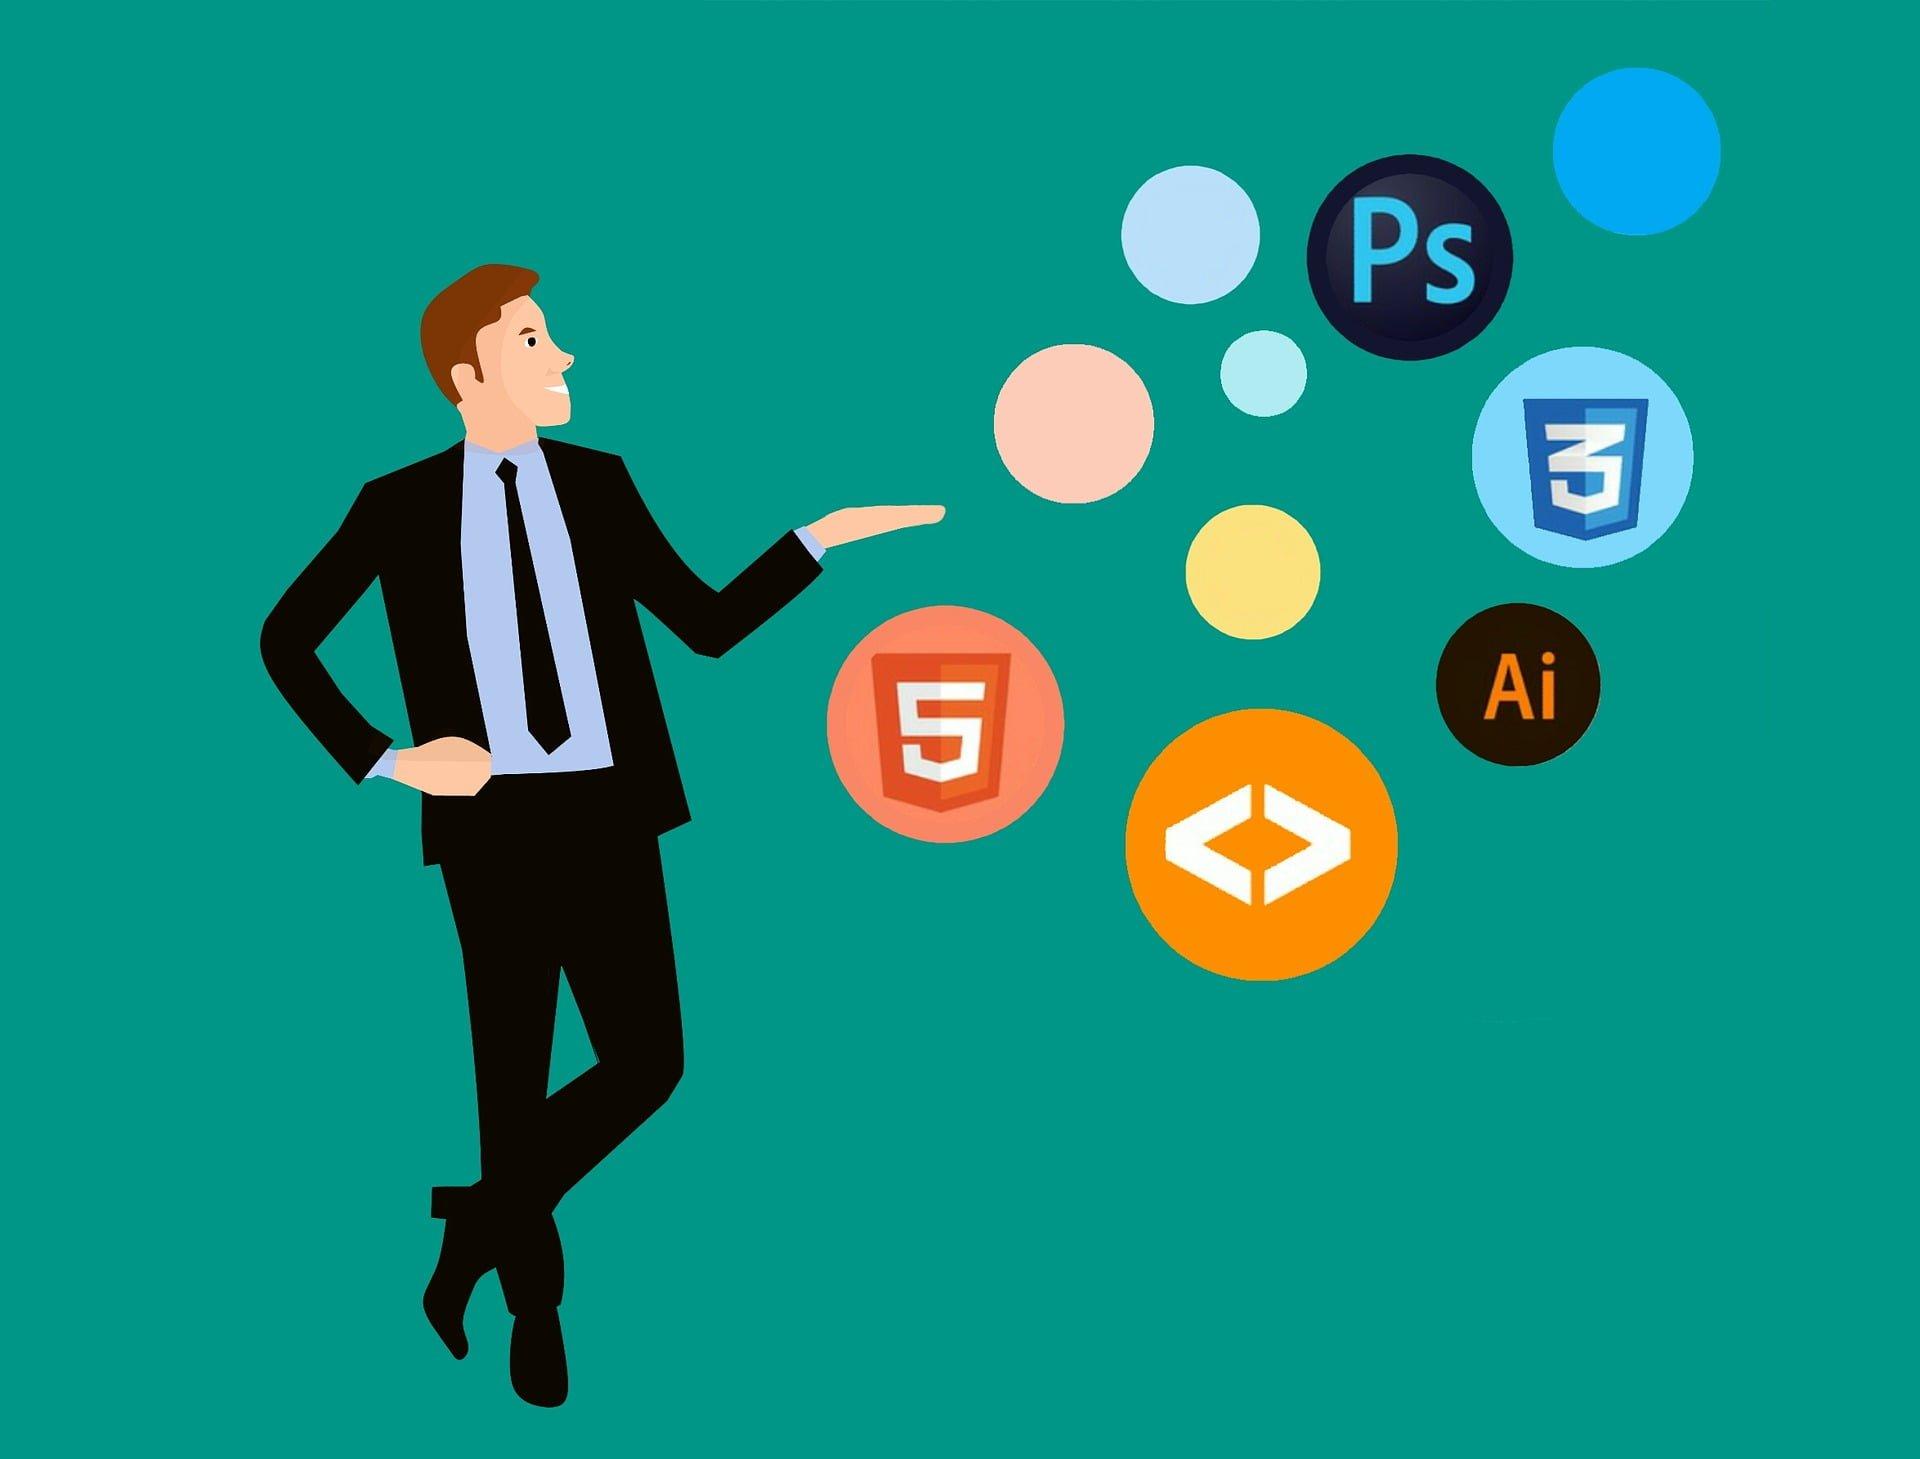 web design tools